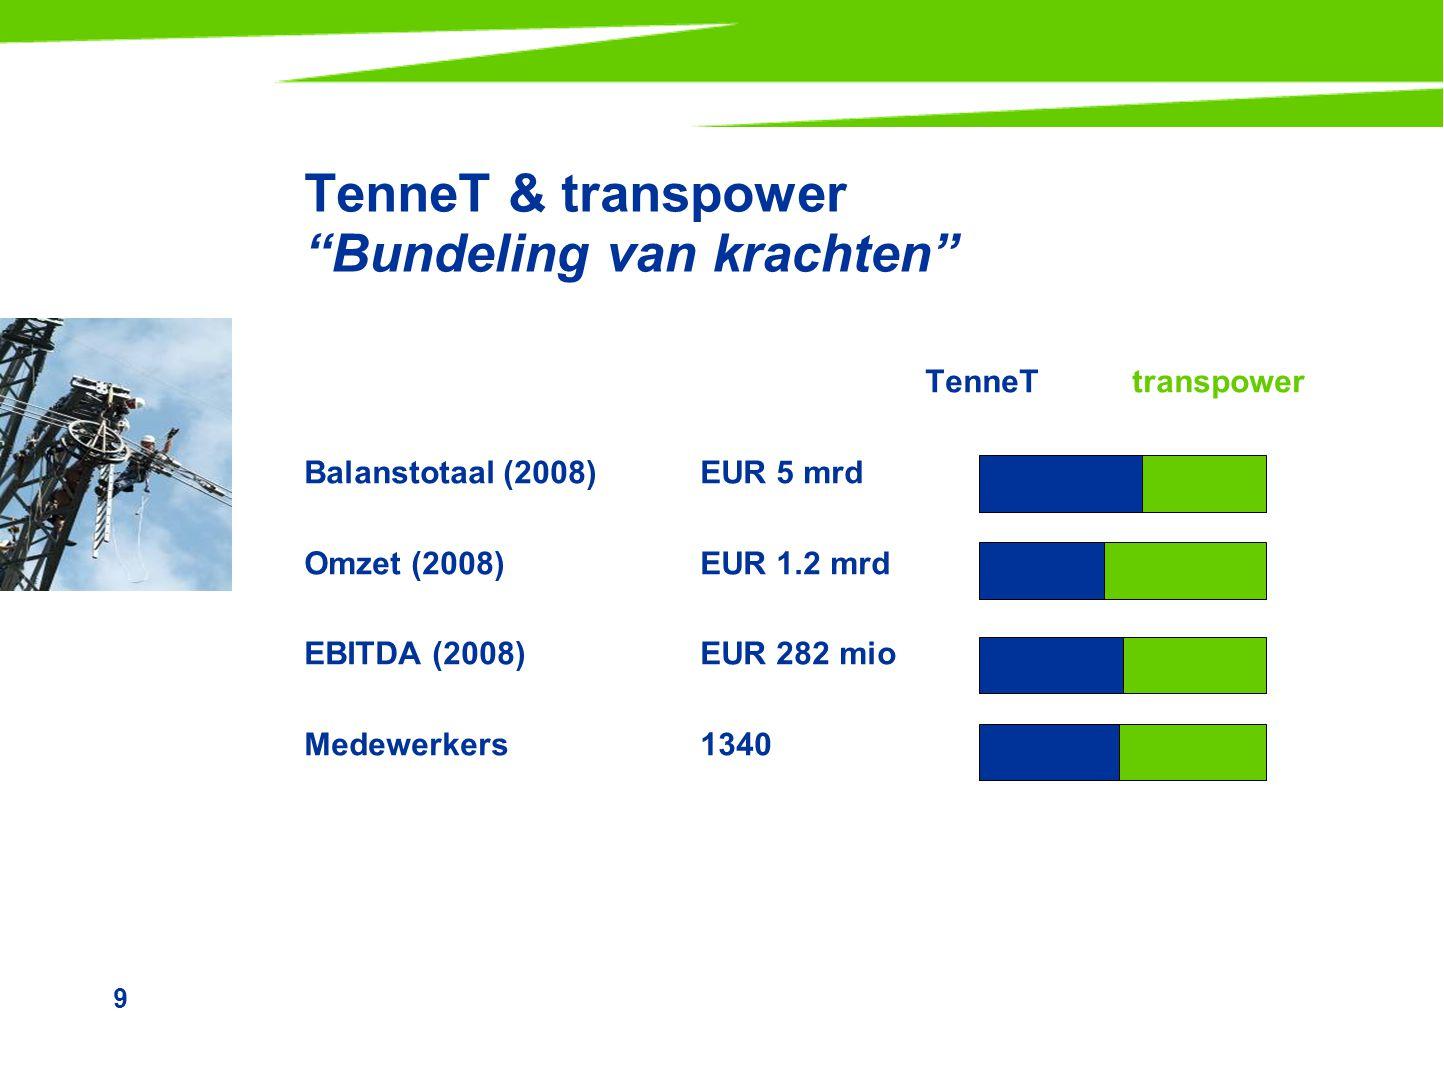 9 TenneT & transpower Bundeling van krachten TenneTtranspower Balanstotaal (2008)EUR 5 mrd Omzet (2008)EUR 1.2 mrd EBITDA (2008)EUR 282 mio Medewerkers1340